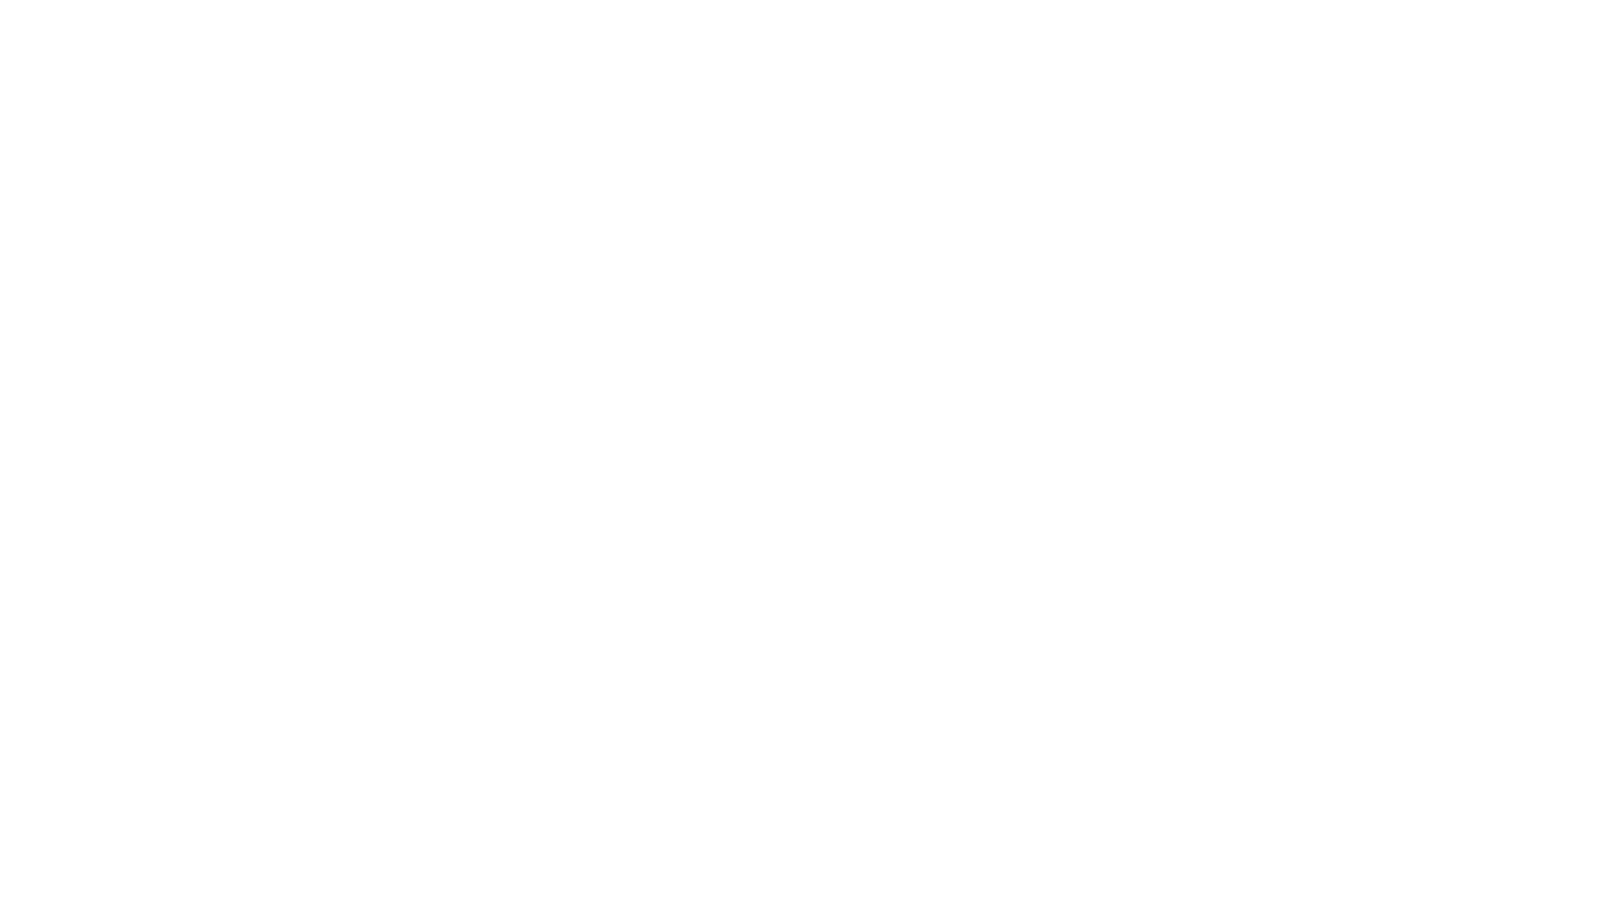 ☆.•**••(¯•.صفحة بوابة الكهرباء على الفيس بوك ☆.•**••(¯•._ https://www.facebook.com/elecgate ☆.•**••(¯•.موقع بوابة الكهرباء ☆.•**••(¯•._ https://www.elecgate.com